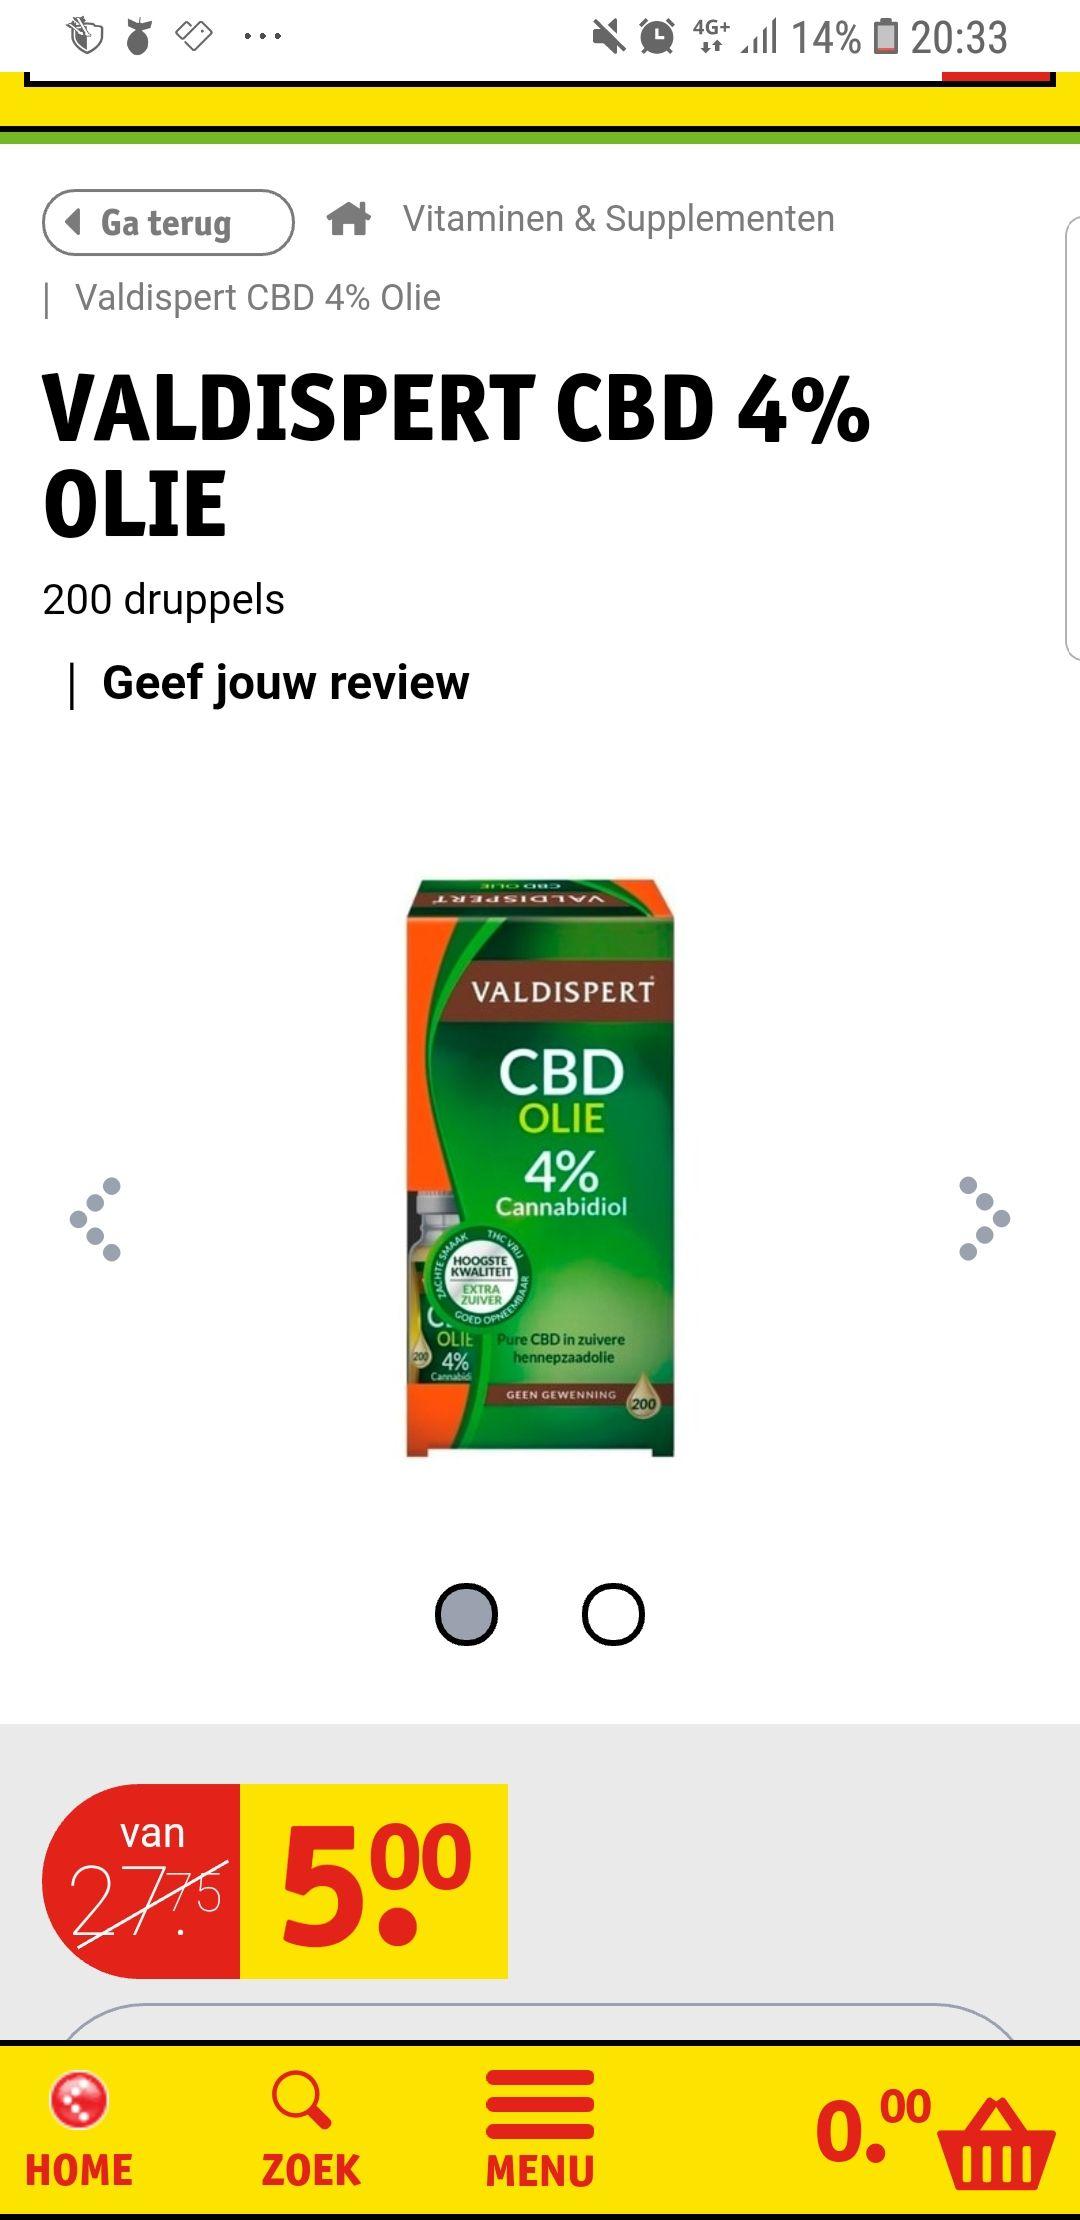 Alle CBD producten van Valdispert voor maar 5 euro bij Kruidvat.